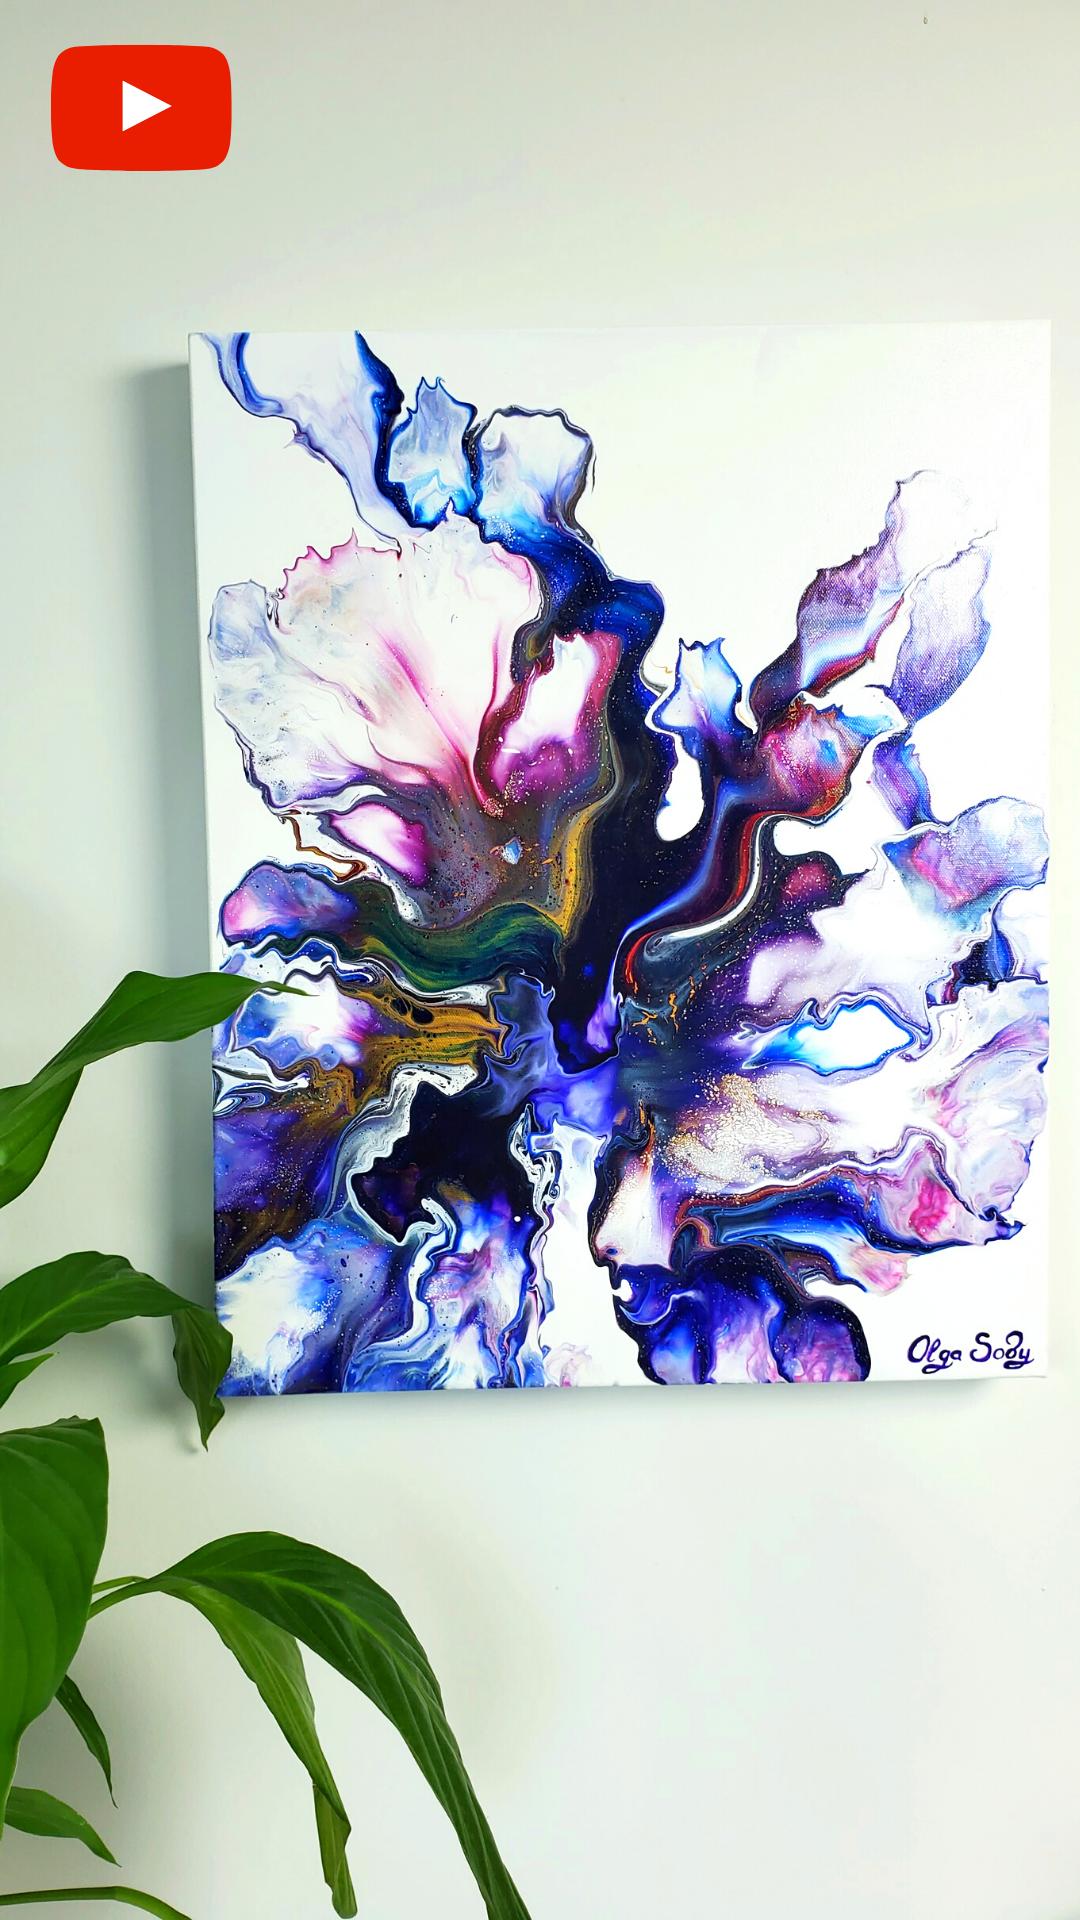 Fluid Paint Art – 10 UNIQUE Acrylic Pour Painting Techniques 😍Acrylic Pouring Compilation -Fluid Art